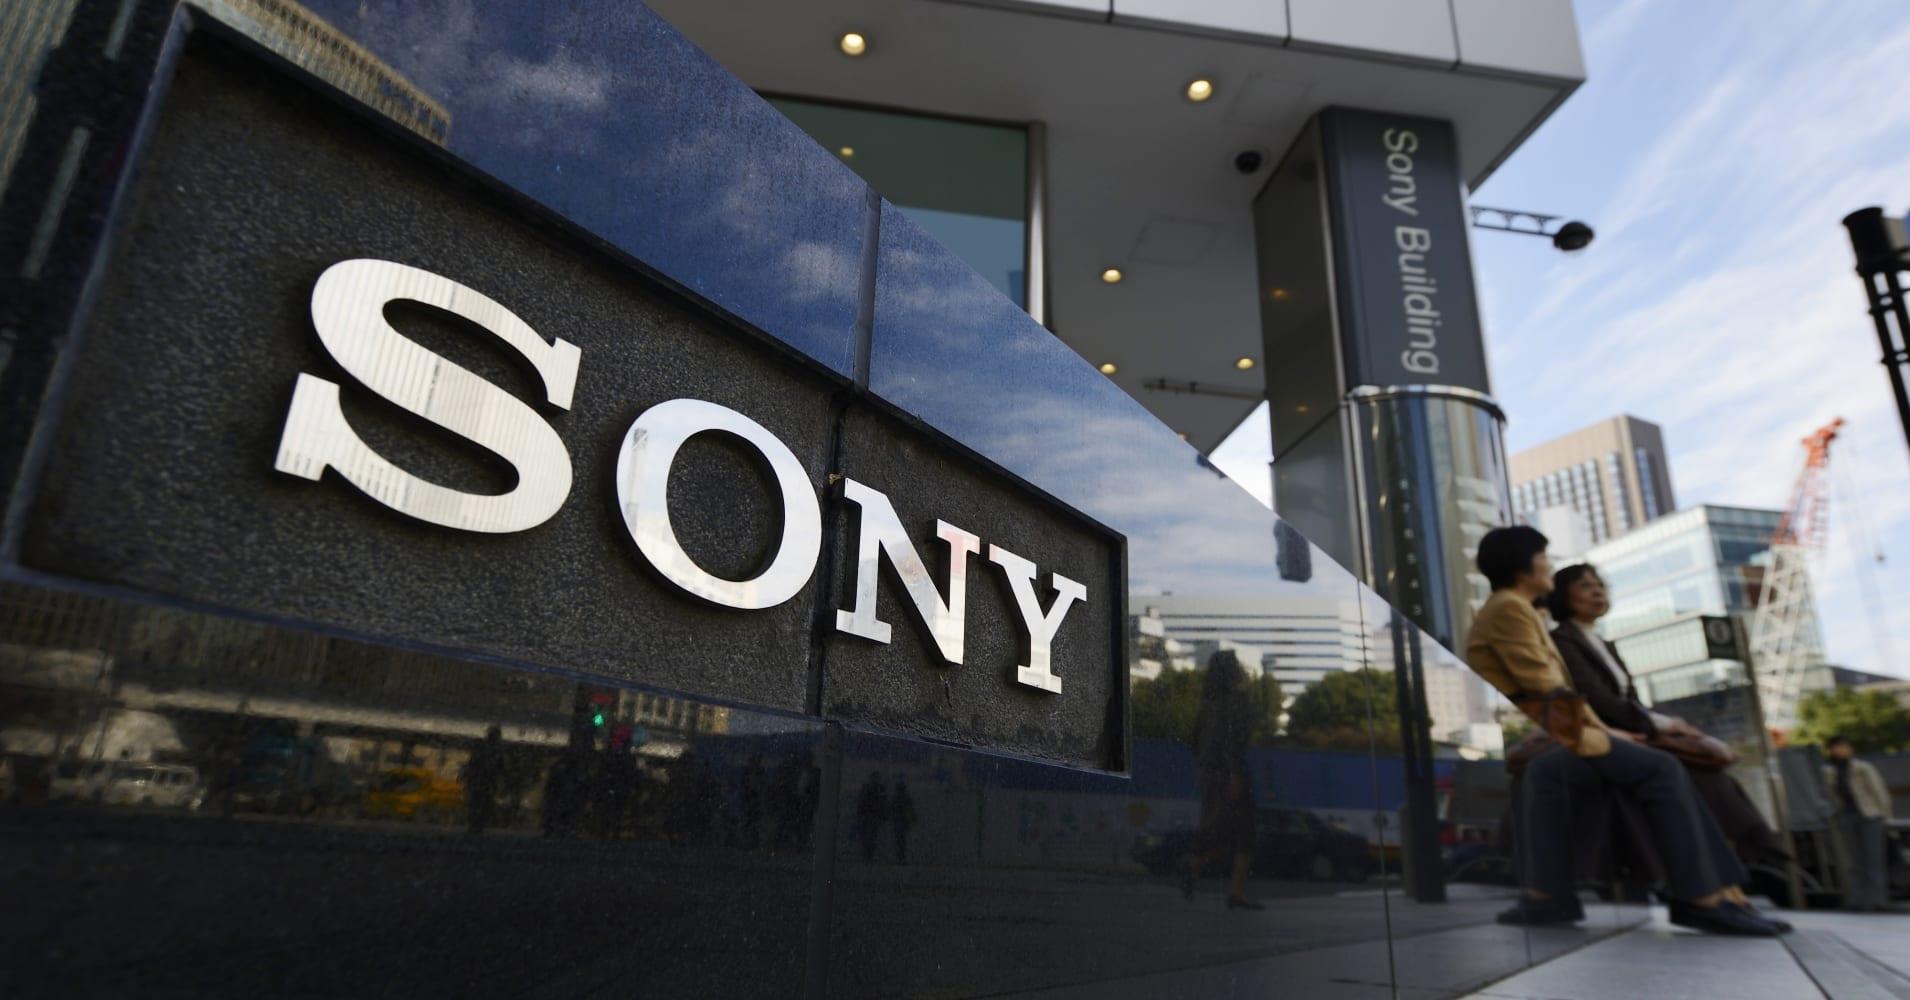 Sony об'єднує свої підрозділи в одну корпорацію